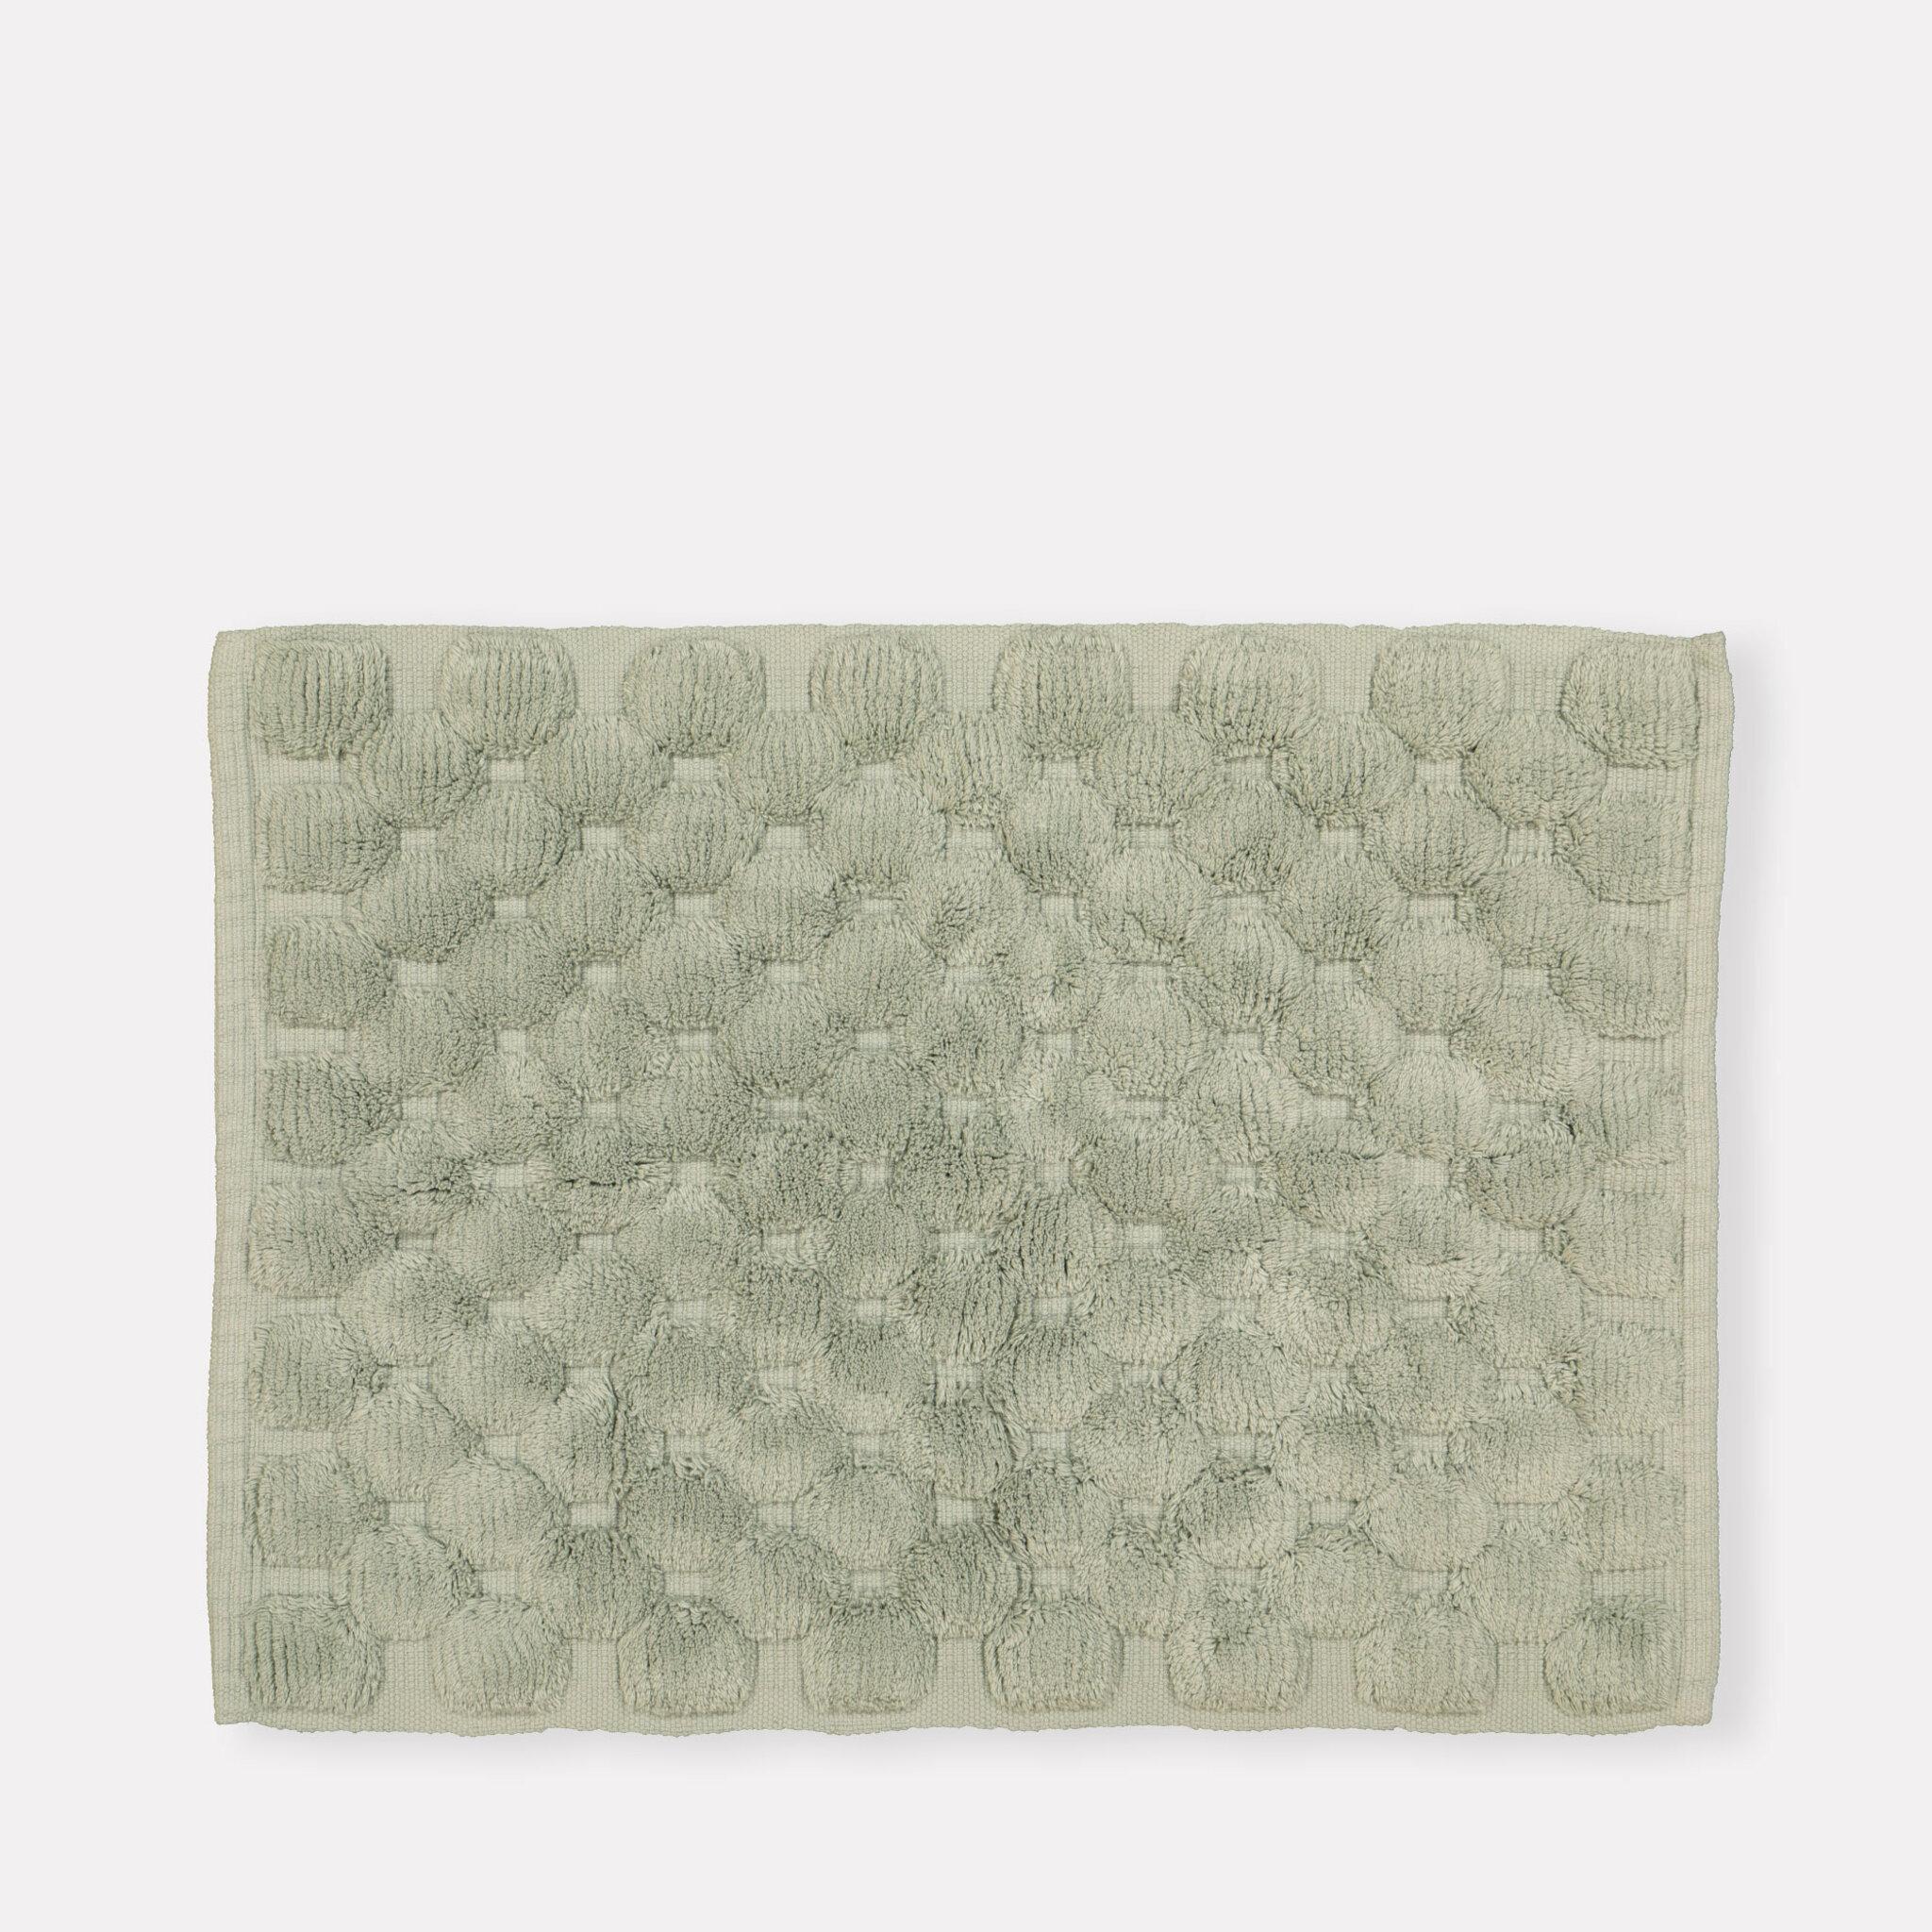 Badrumsmatta DORIS 50x70 cm